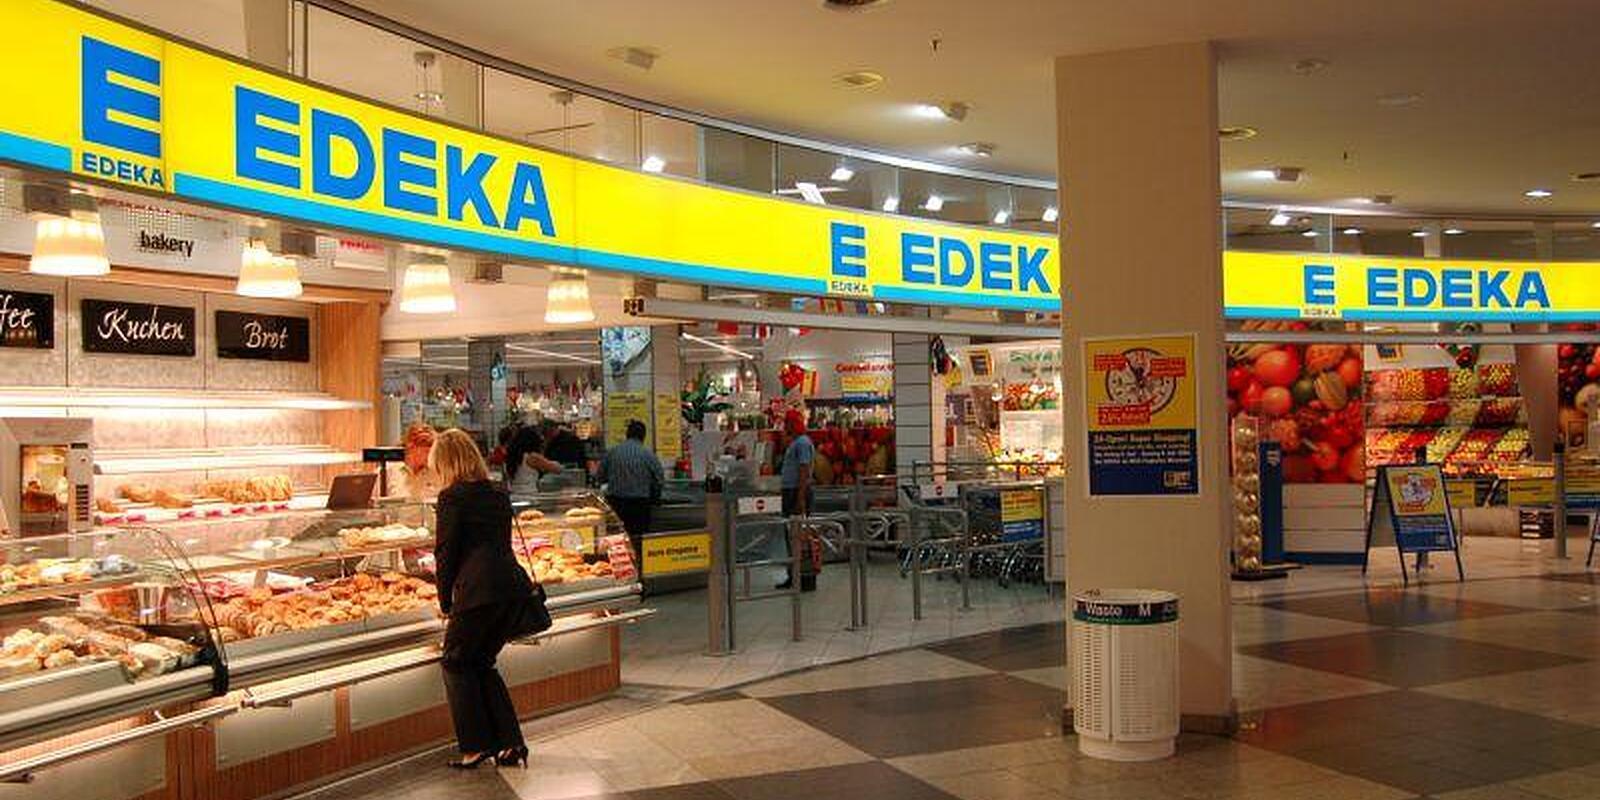 edeka supermarkt terminalstr flughafen m nchen flughafen m nchen freising edeka. Black Bedroom Furniture Sets. Home Design Ideas